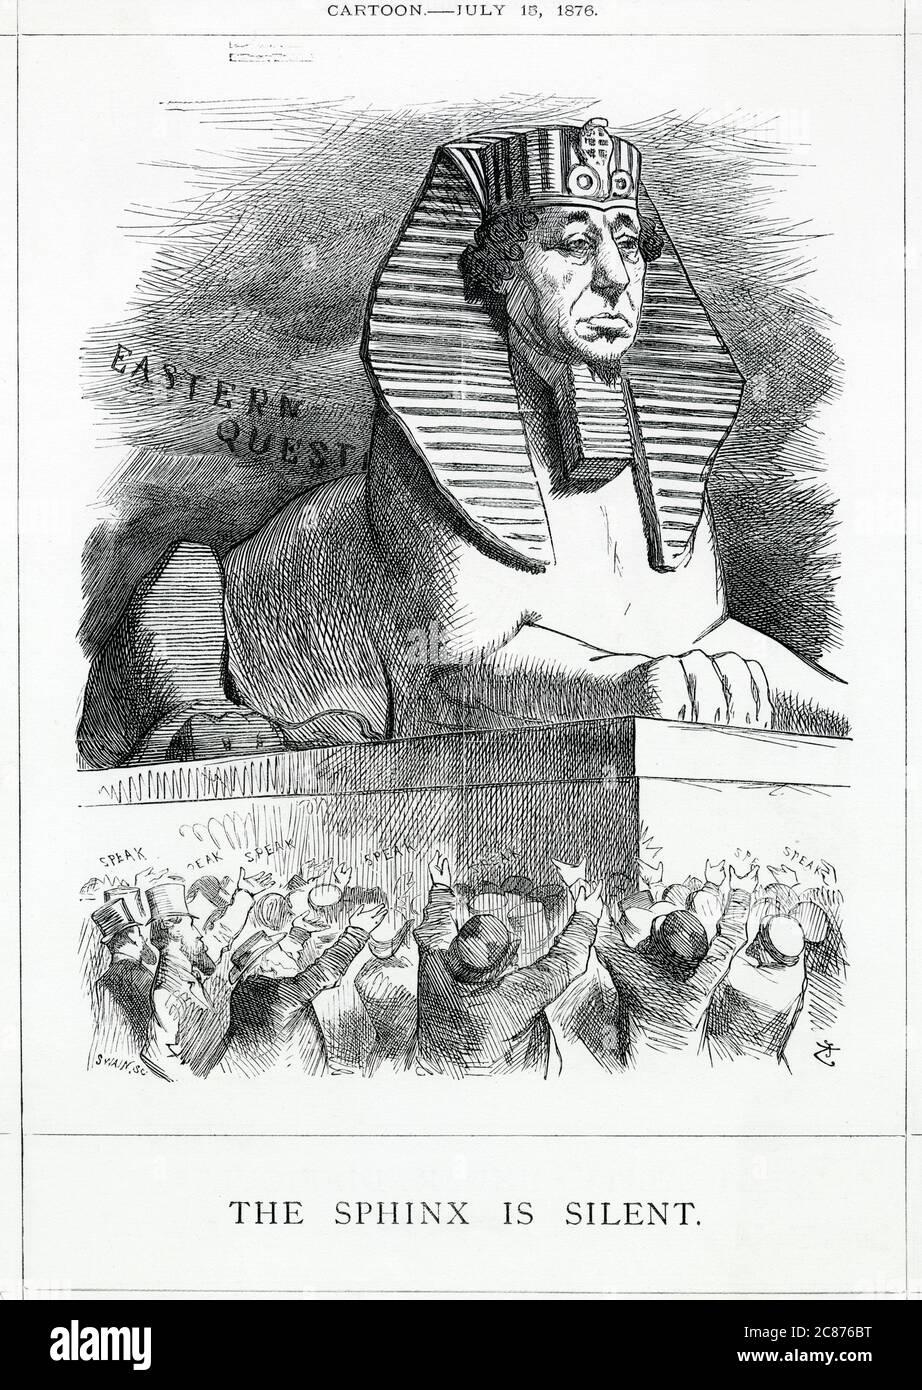 Caricature, le Sphinx est silencieux -- Benjamin Disraeli, Premier ministre conservateur, dépeint comme le Sphinx, avec des gens en bas qui le supplient de parler. Une référence satirique à son achat de parts du canal de Suez, ainsi qu'à son silence sur la politique gouvernementale en matière de question orientale, depuis que la Serbie et le Monténégro ont déclaré la guerre contre la Turquie. Date: 1876 Banque D'Images